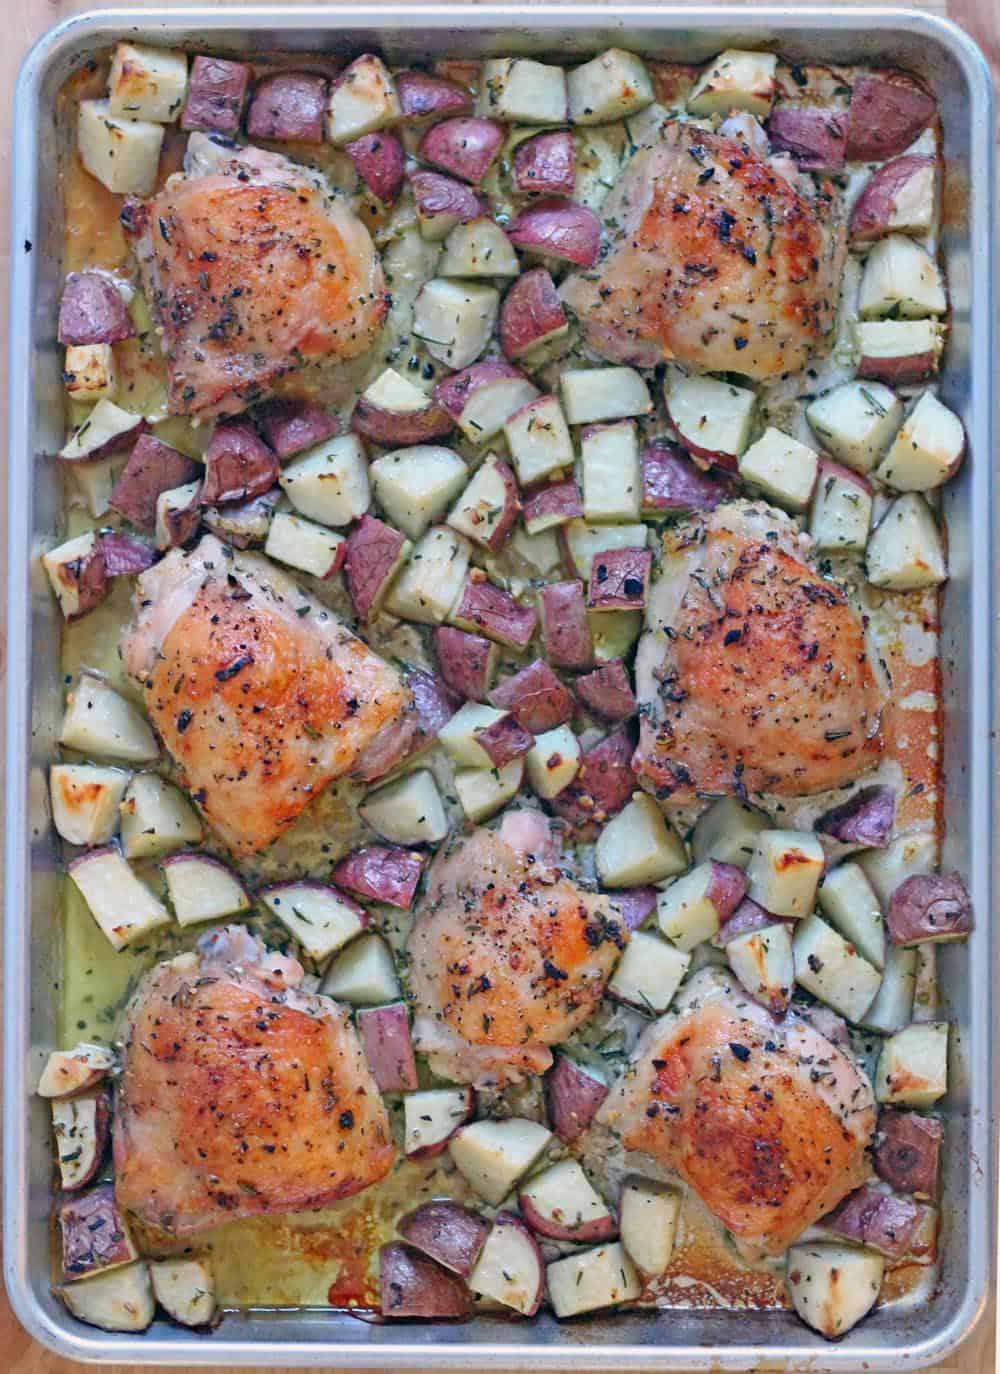 Bird's eye view of a baking sheet holding Roast Chicken and Potatoes Sheet Pan Dinner.